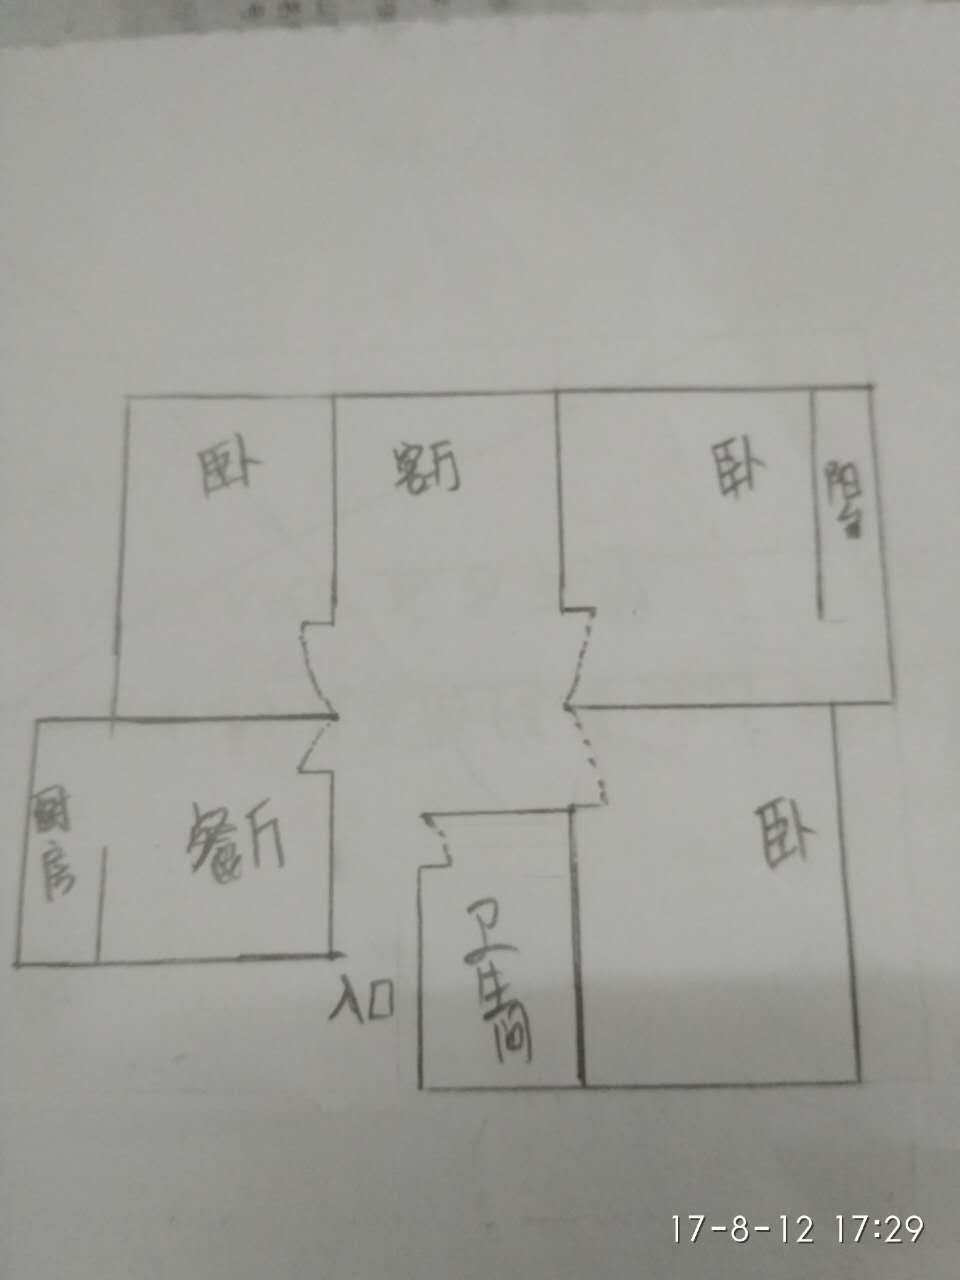 公安局宿舍(新湖) 3室2厅 2楼